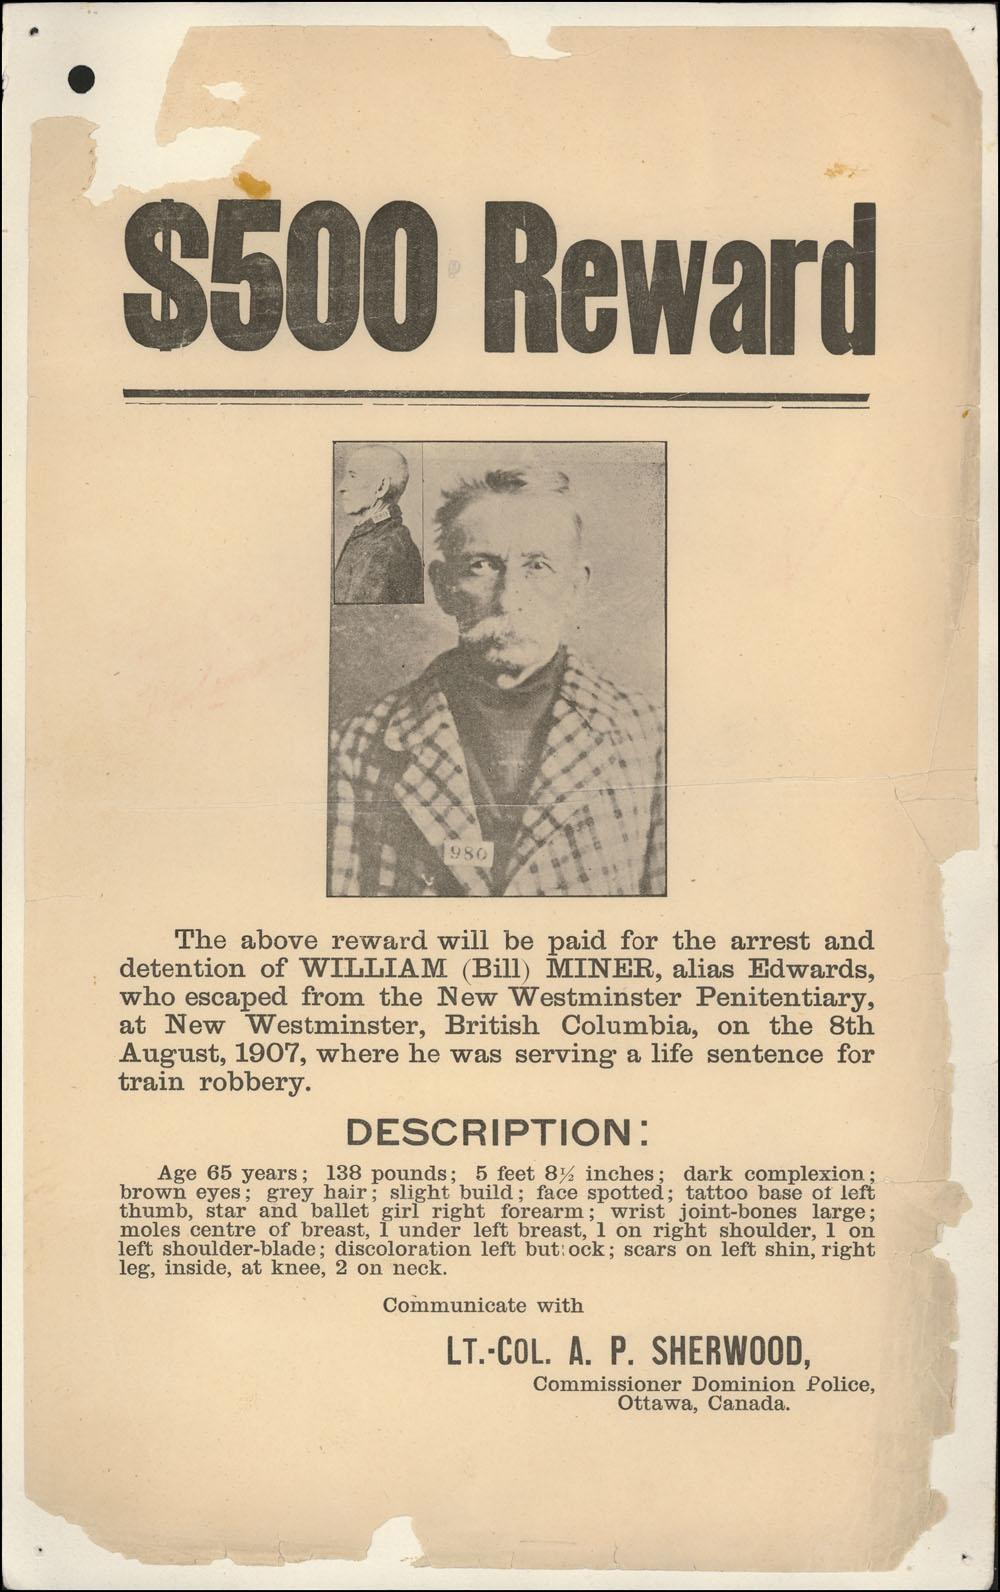 The Grey Fox: Legendary train robber and prison escapee Bill Miner